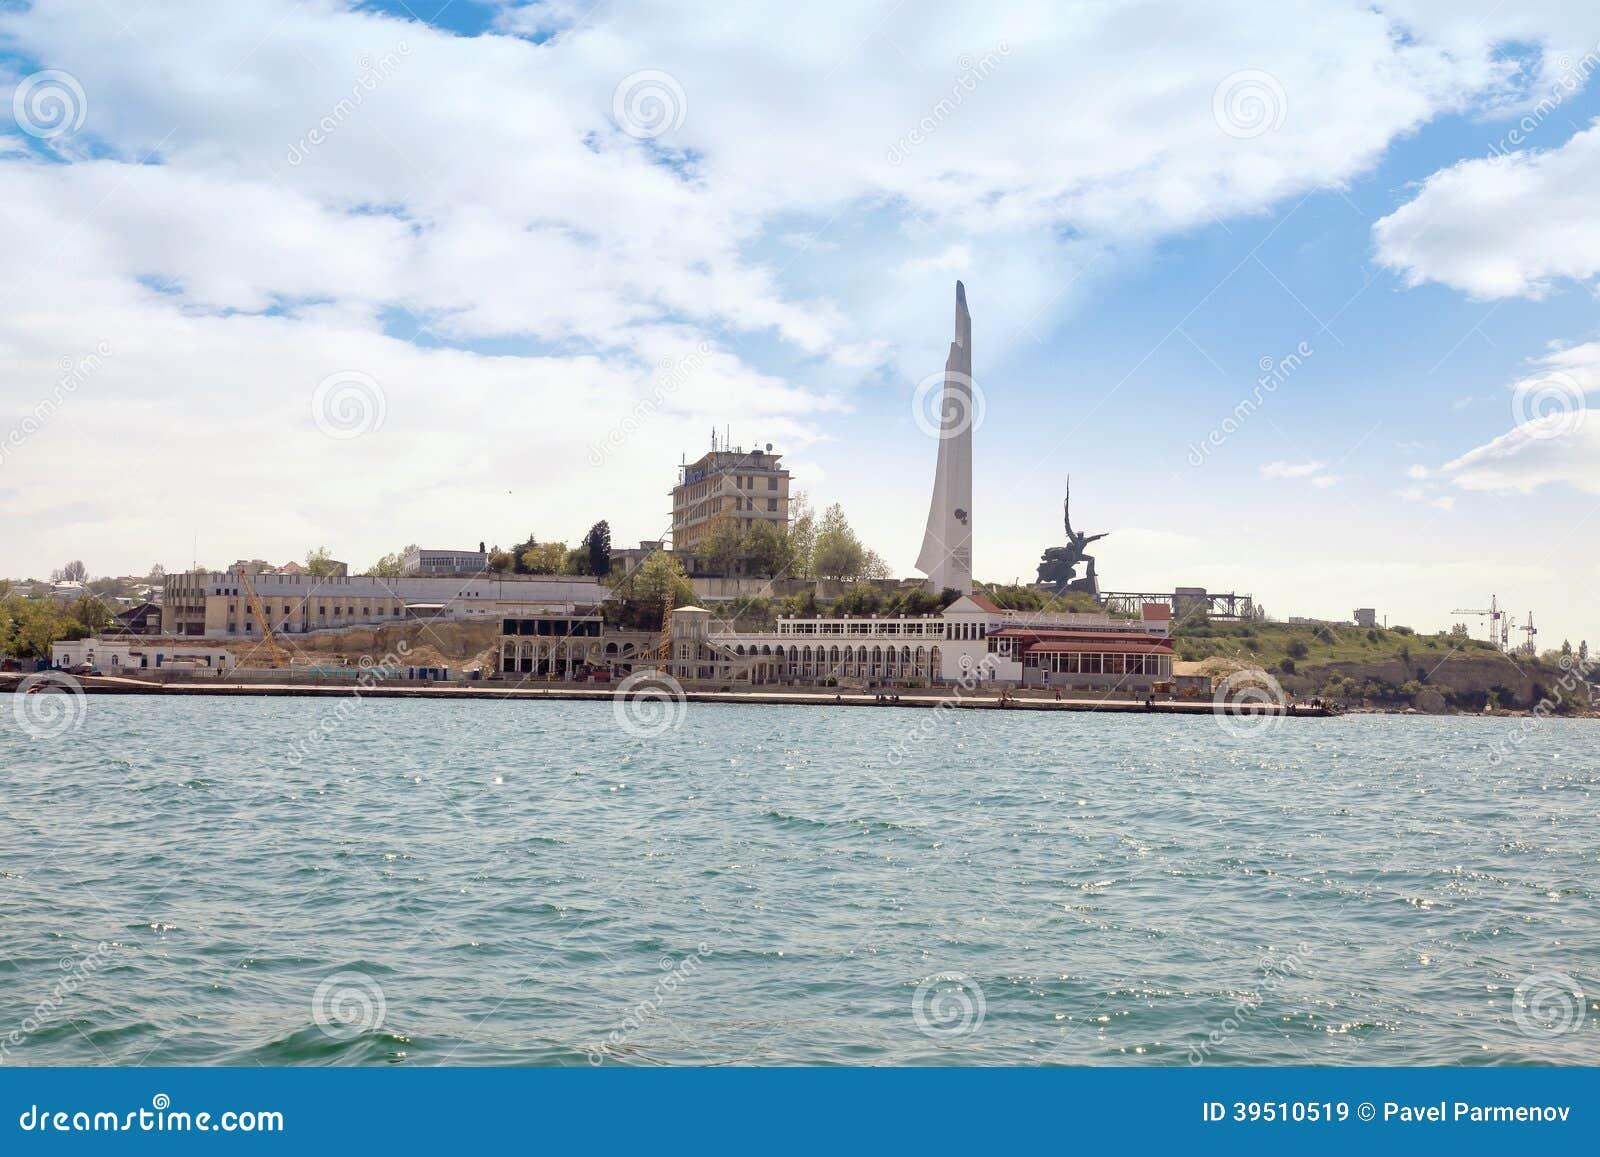 City Sevastopol. Obelisk in honour a city - hero